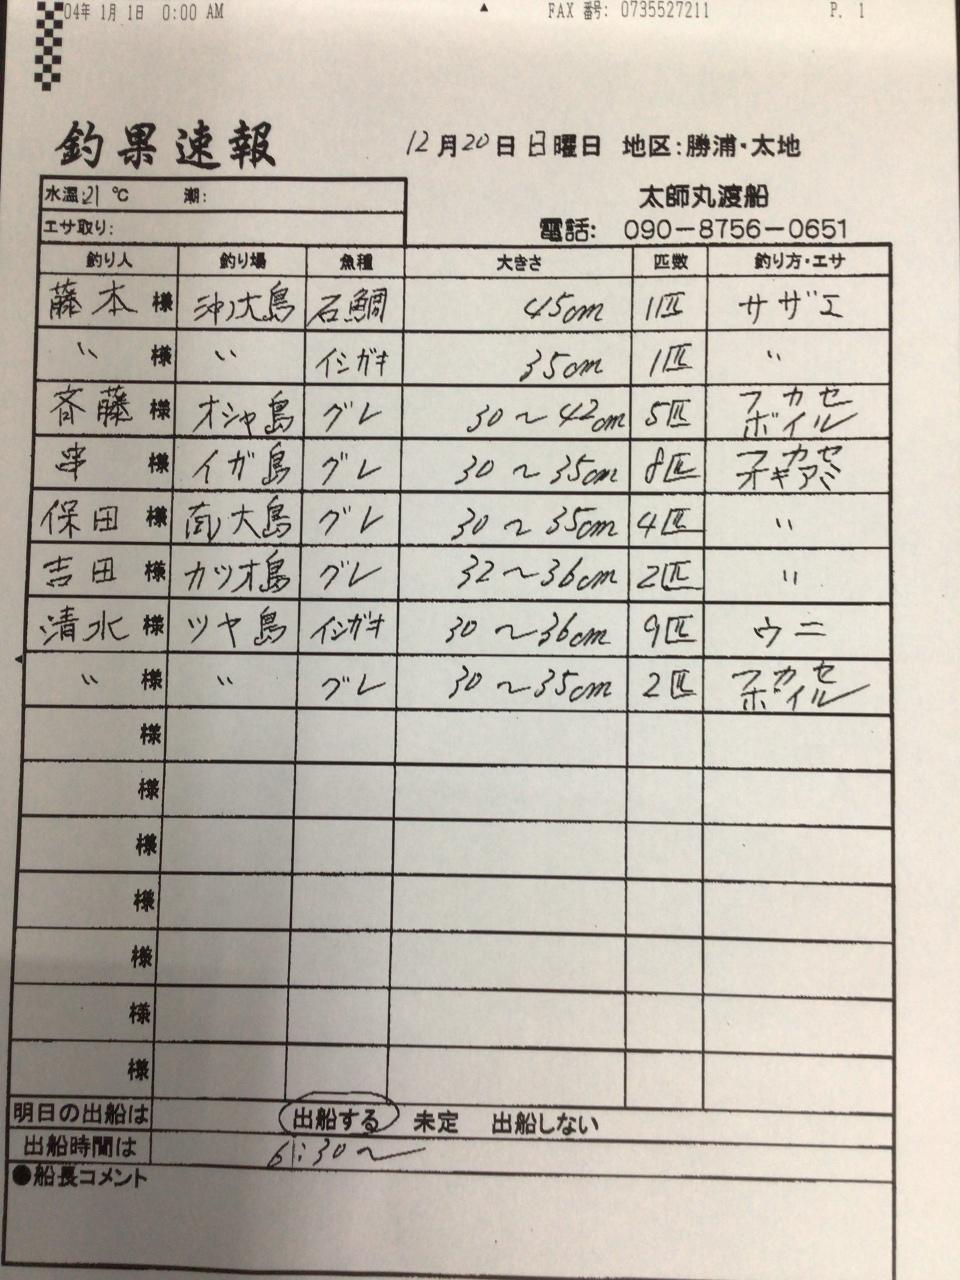 12/20 太地・太師丸渡船さん釣果 | 南紀和歌山 渡船・ダービーの最新 ...